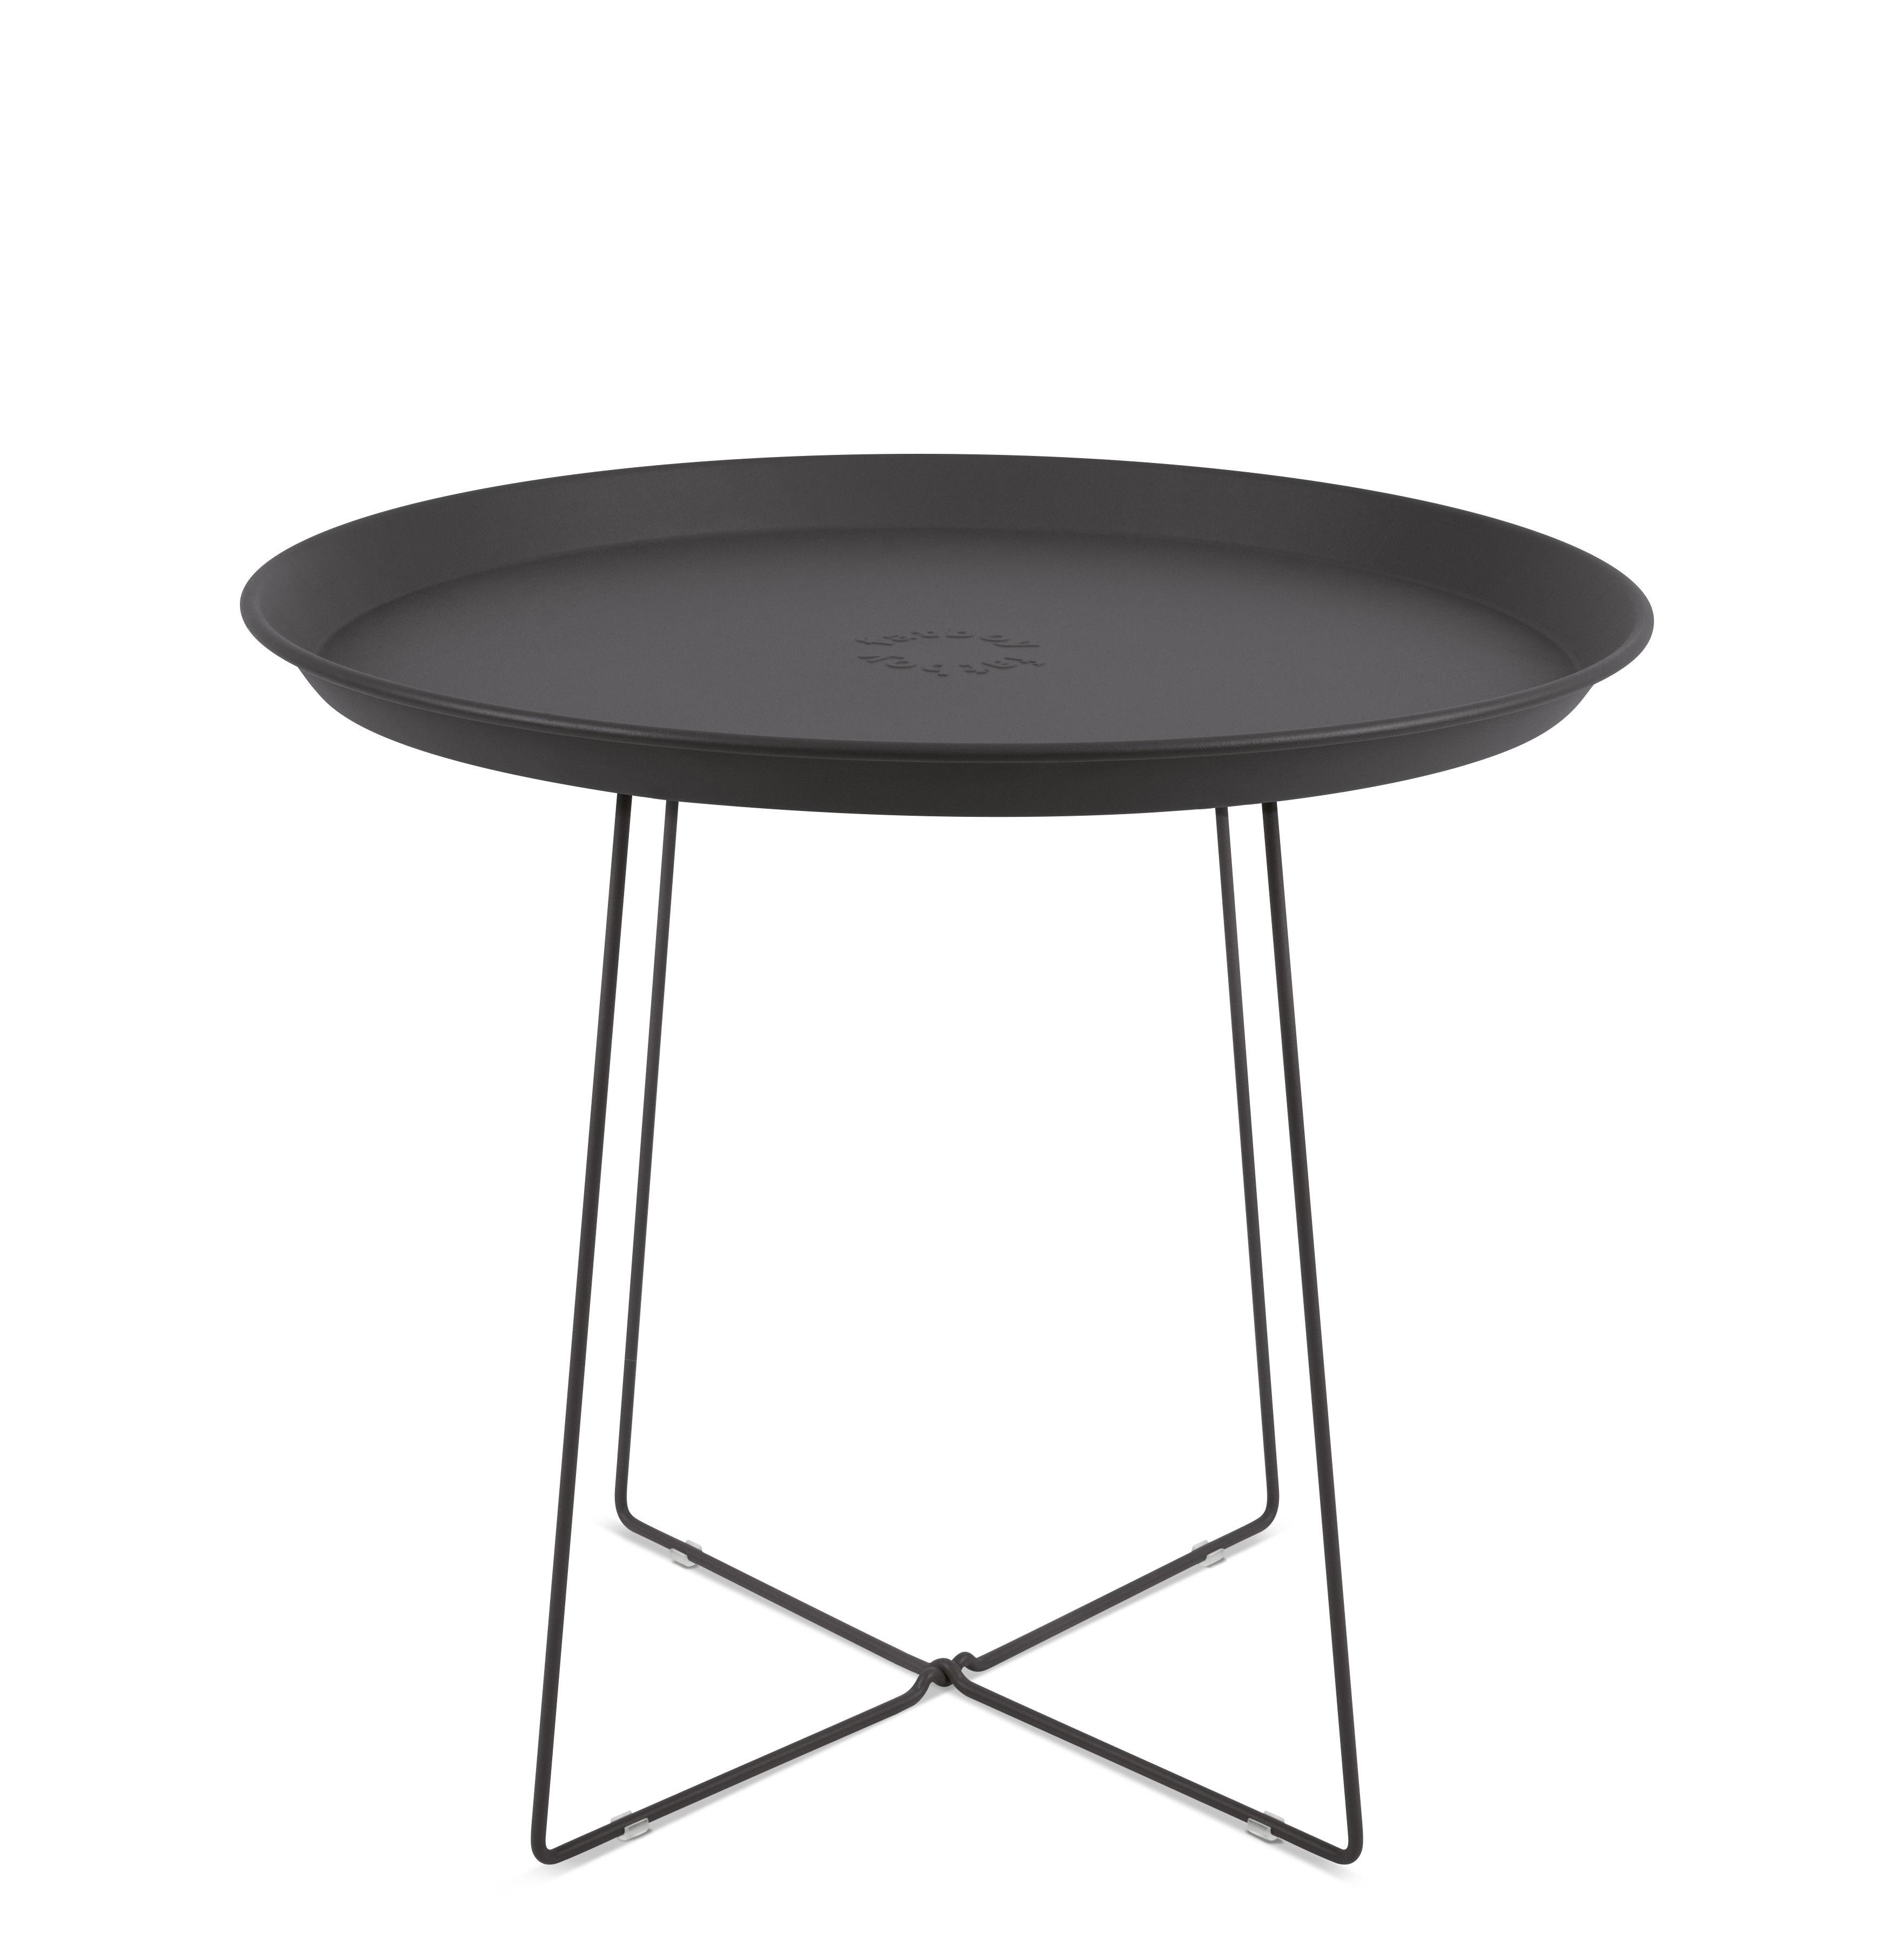 Mobilier - Tables basses - Table basse Plat-o / Plateau amovible - Ø 56 x H 46 cm - Fatboy - Gris Anthracite - Acier peint